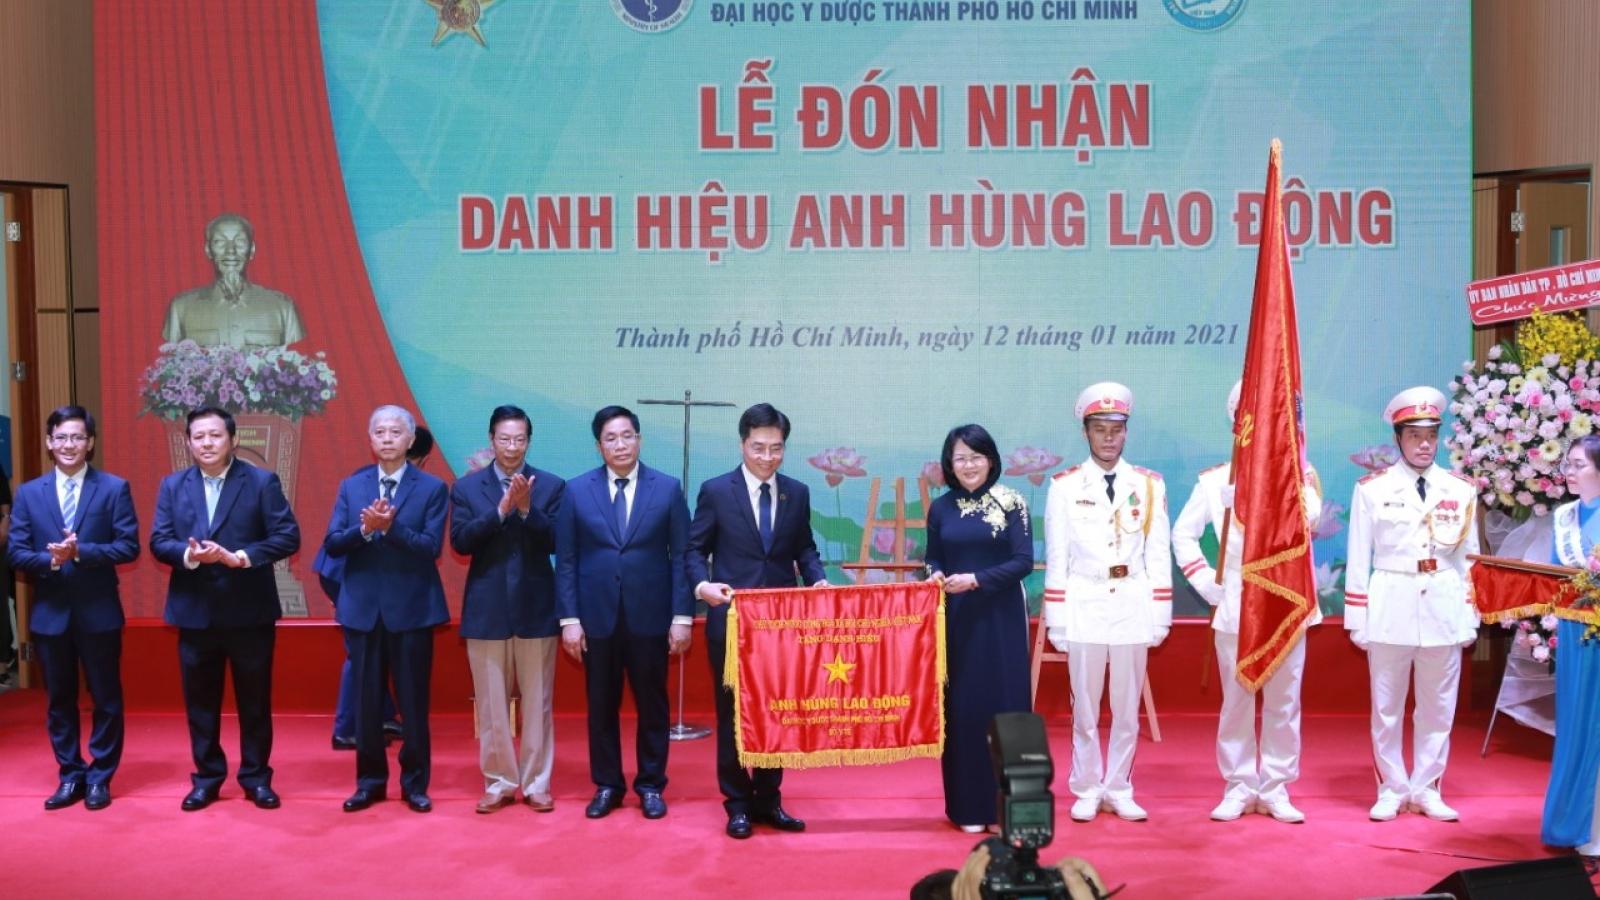 Phó Chủ tịch nước trao danh hiệu Anh hùng lao động thời kỳ đổi mới ở TPHCM và Đồng Nai